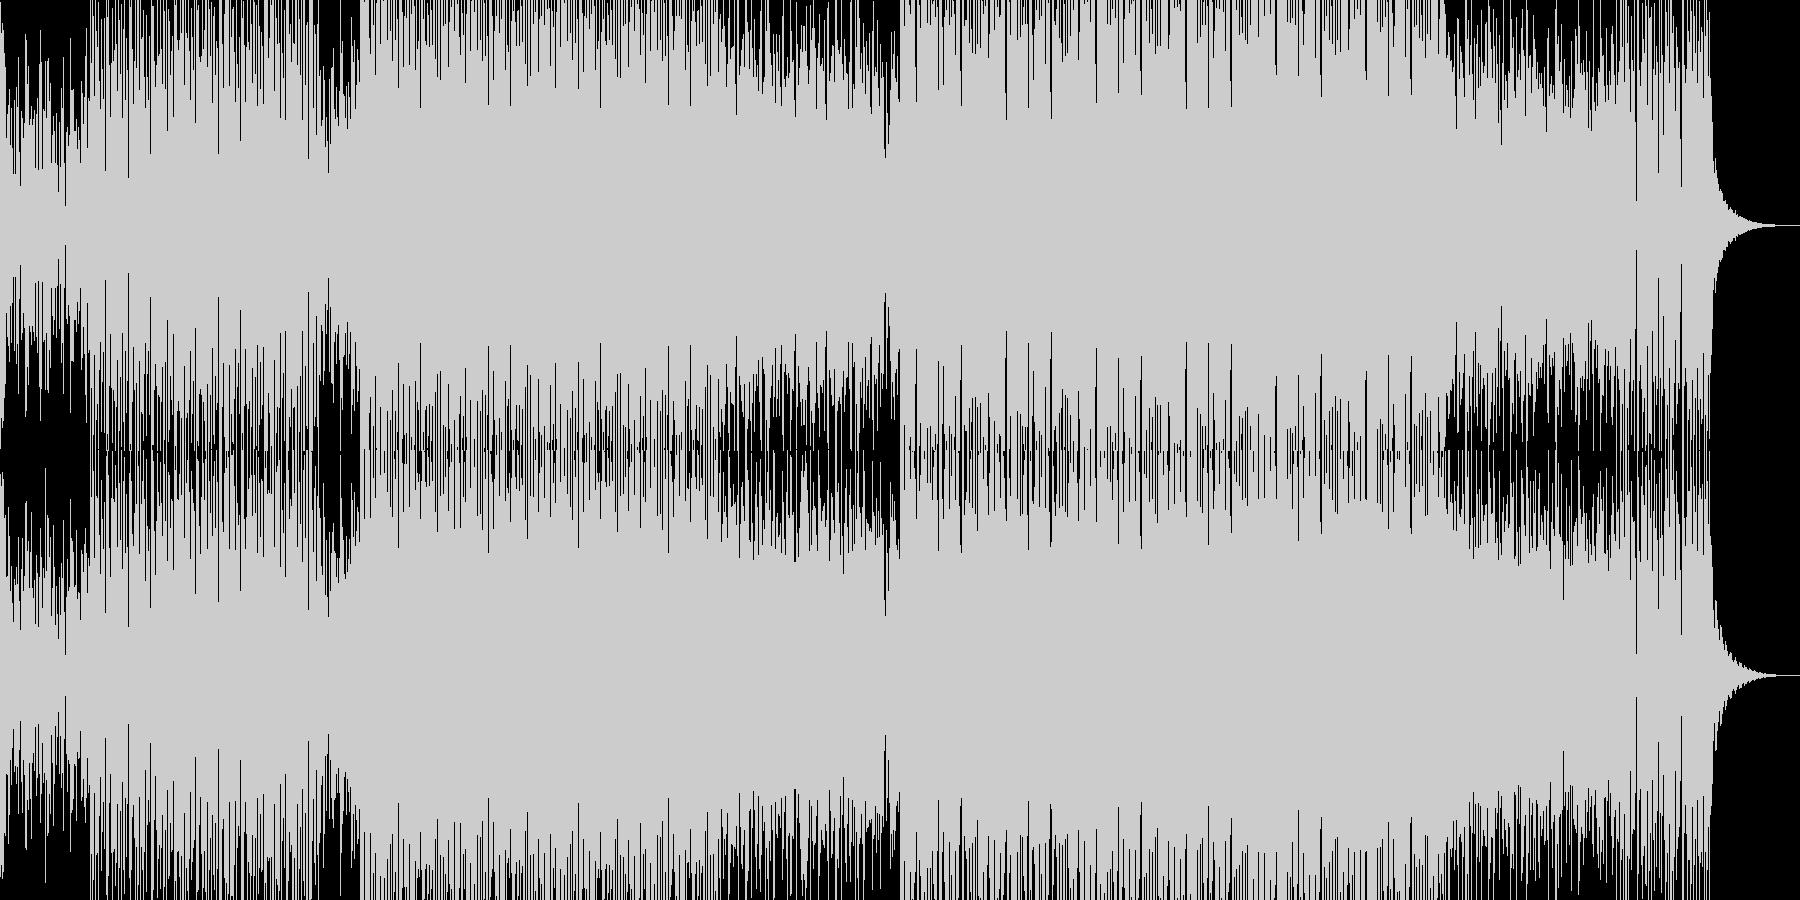 明るいダンス用BGM1の未再生の波形